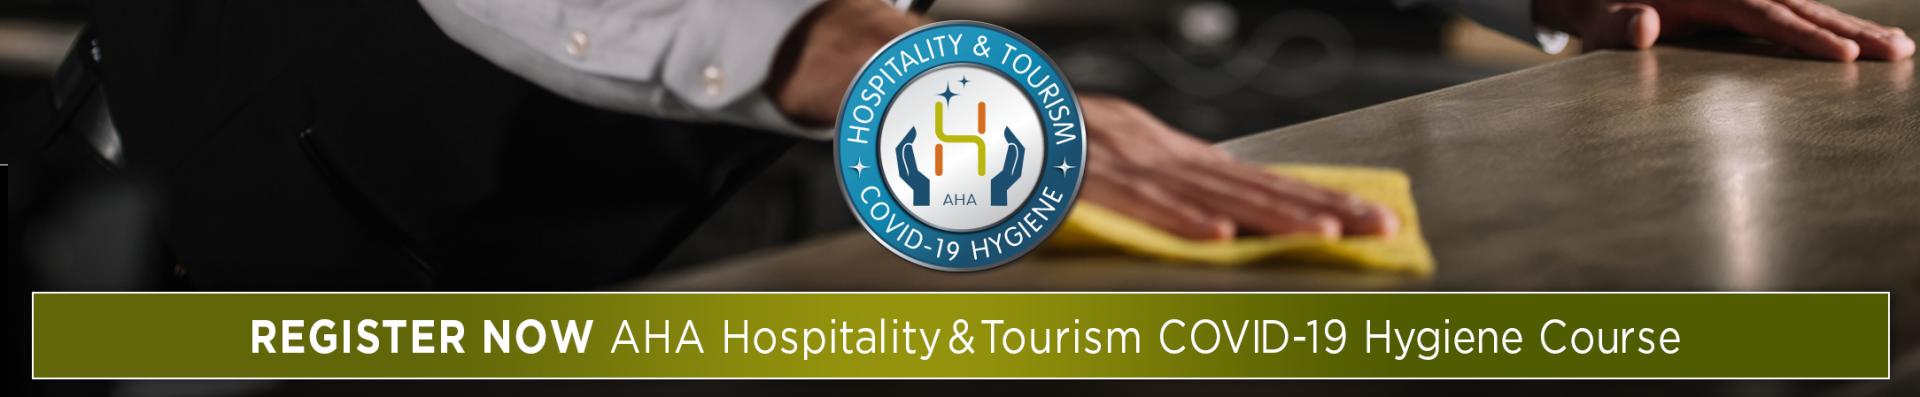 AHA Hospitality & Tourism COVID-19 Hygiene Course